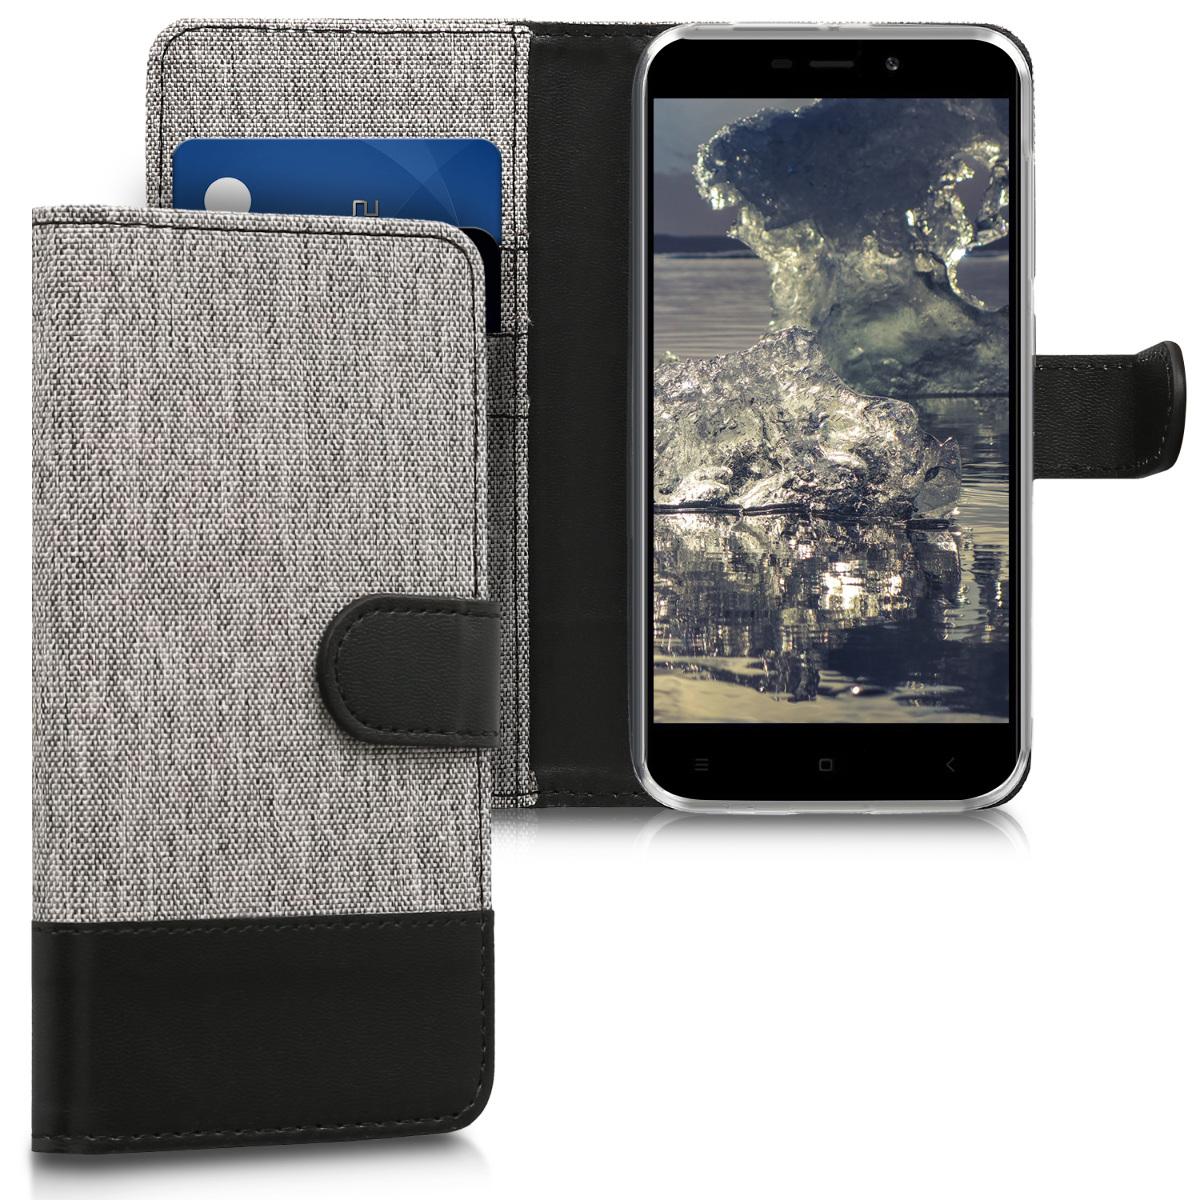 KW Θήκη Πορτοφόλι Xiaomi Redmi 4A - Συνθετικό δέρμα - Grey / Black (43846.22)